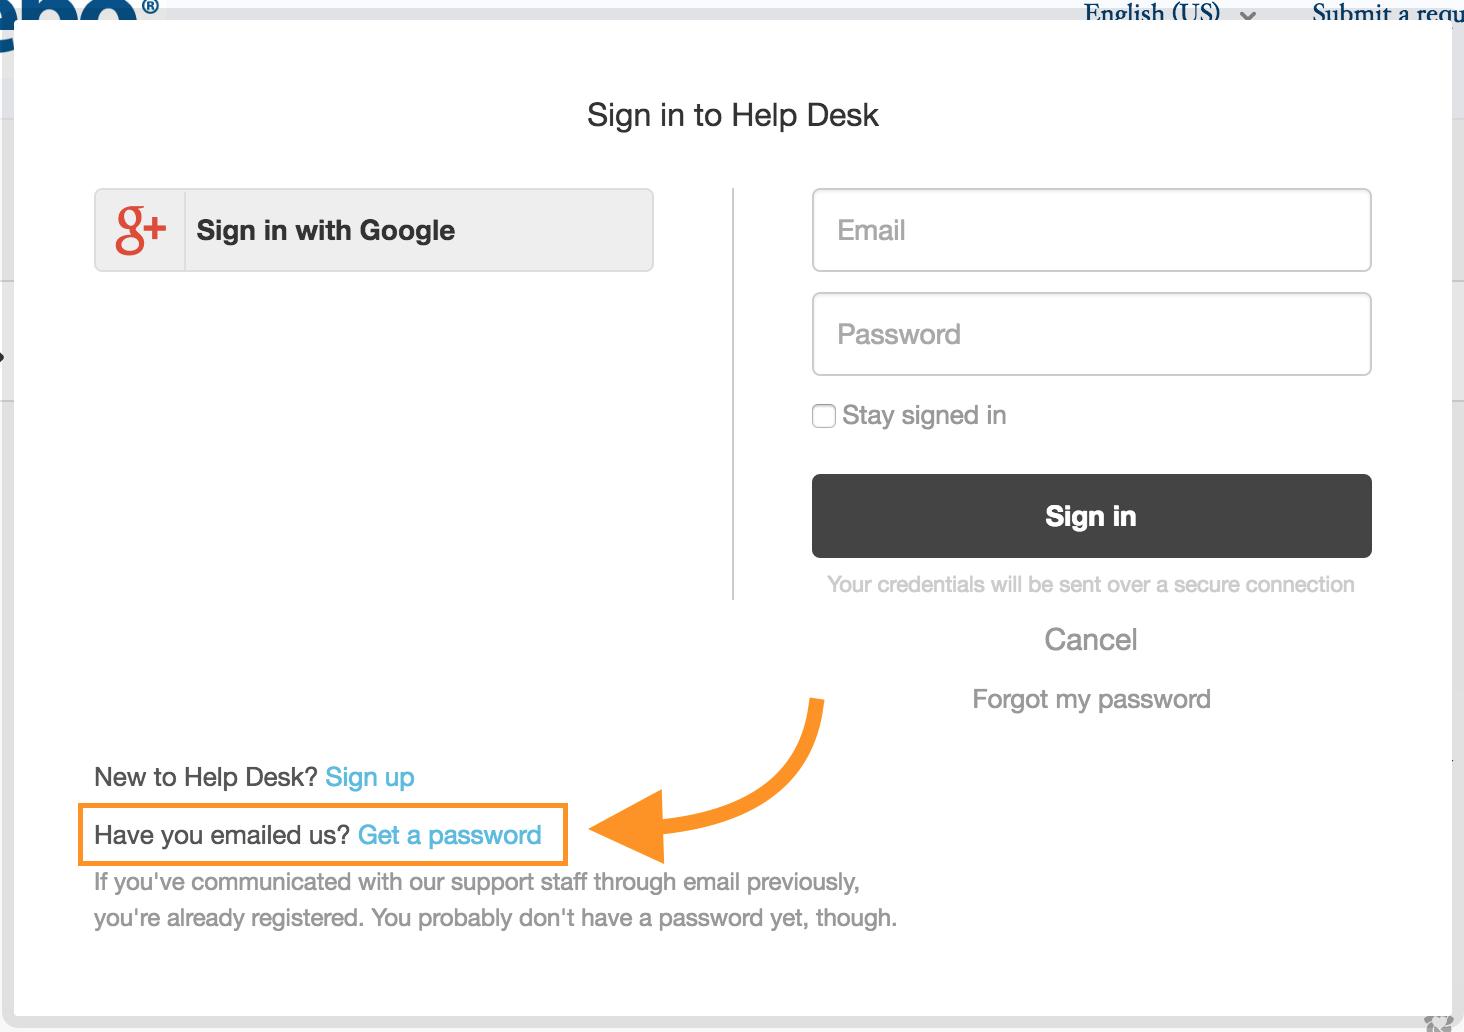 help desk get a password